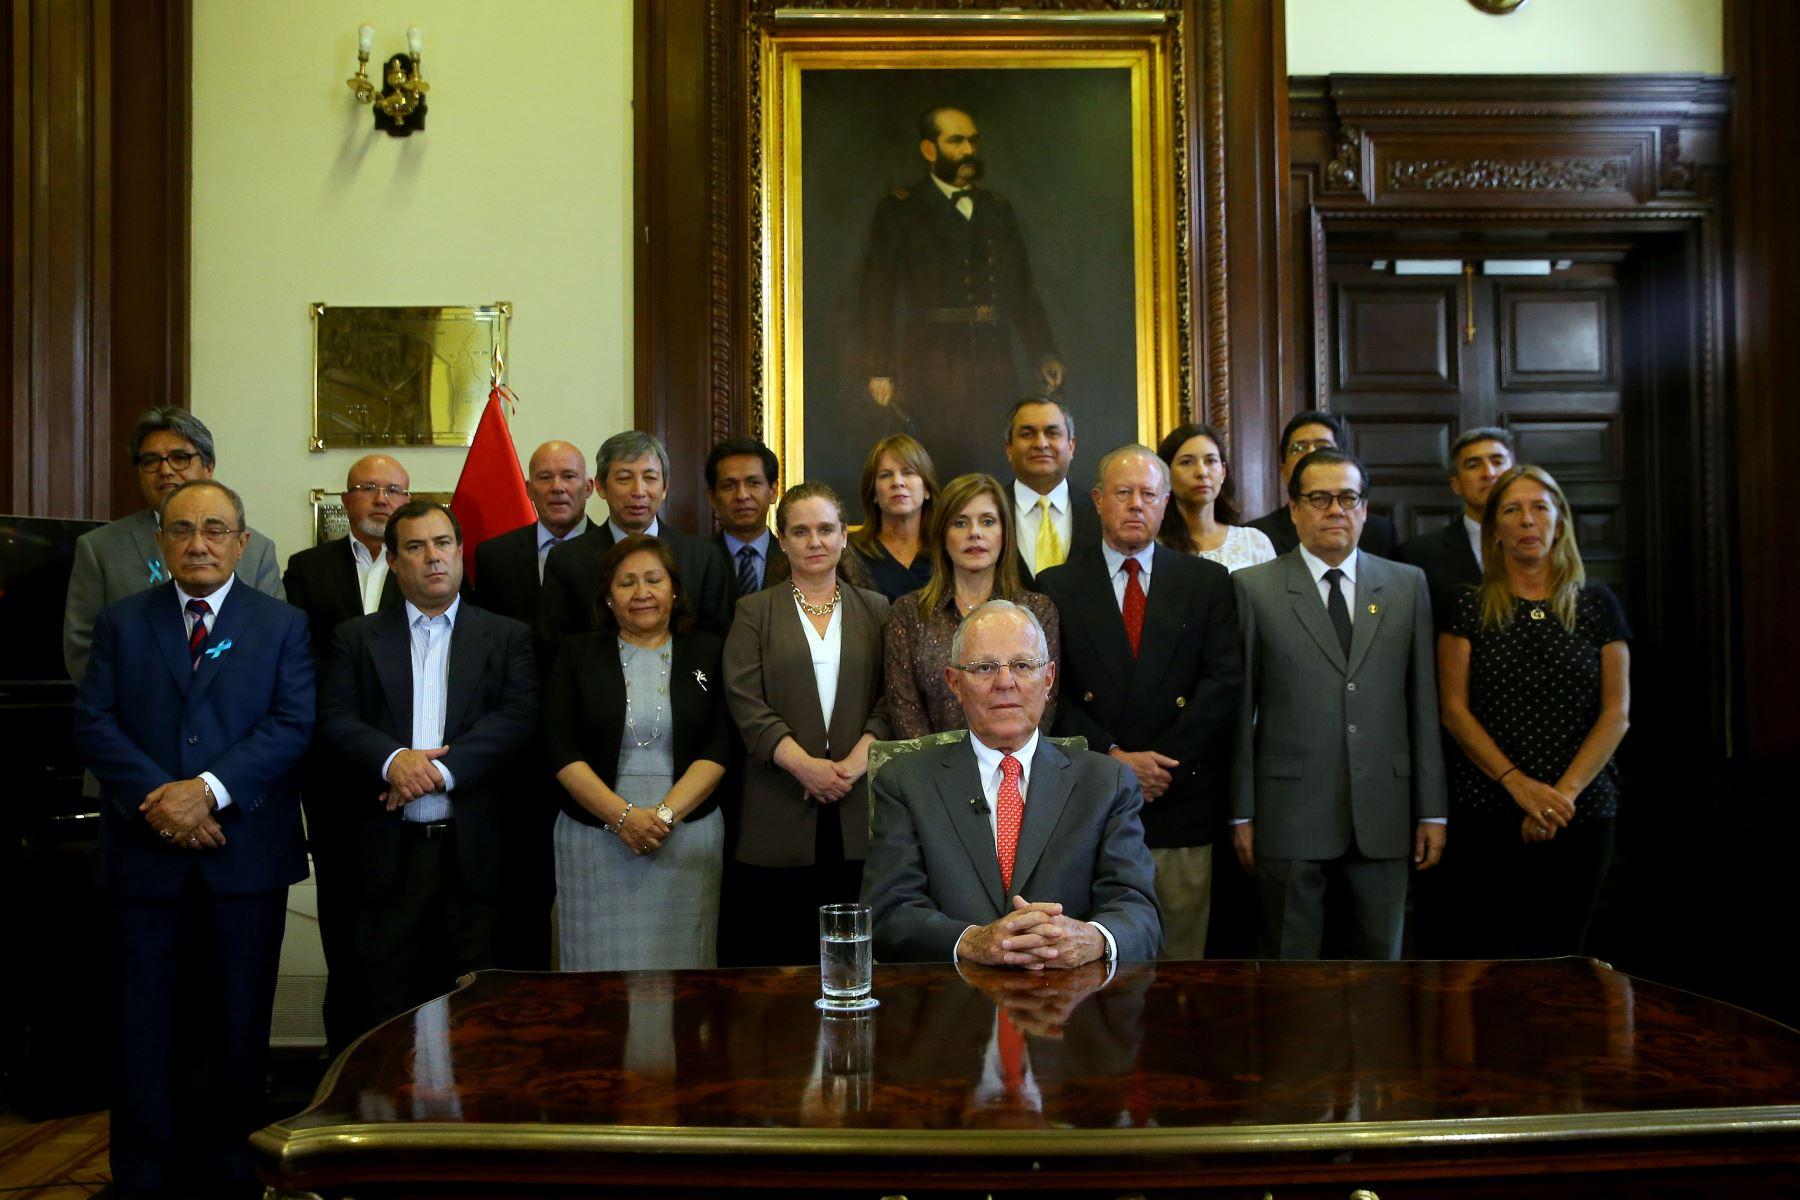 Renuncia de Pedro Pablo Kuczynski llegó al Congreso a las 14:43 horas |  Noticias | Agencia Peruana de Noticias Andina